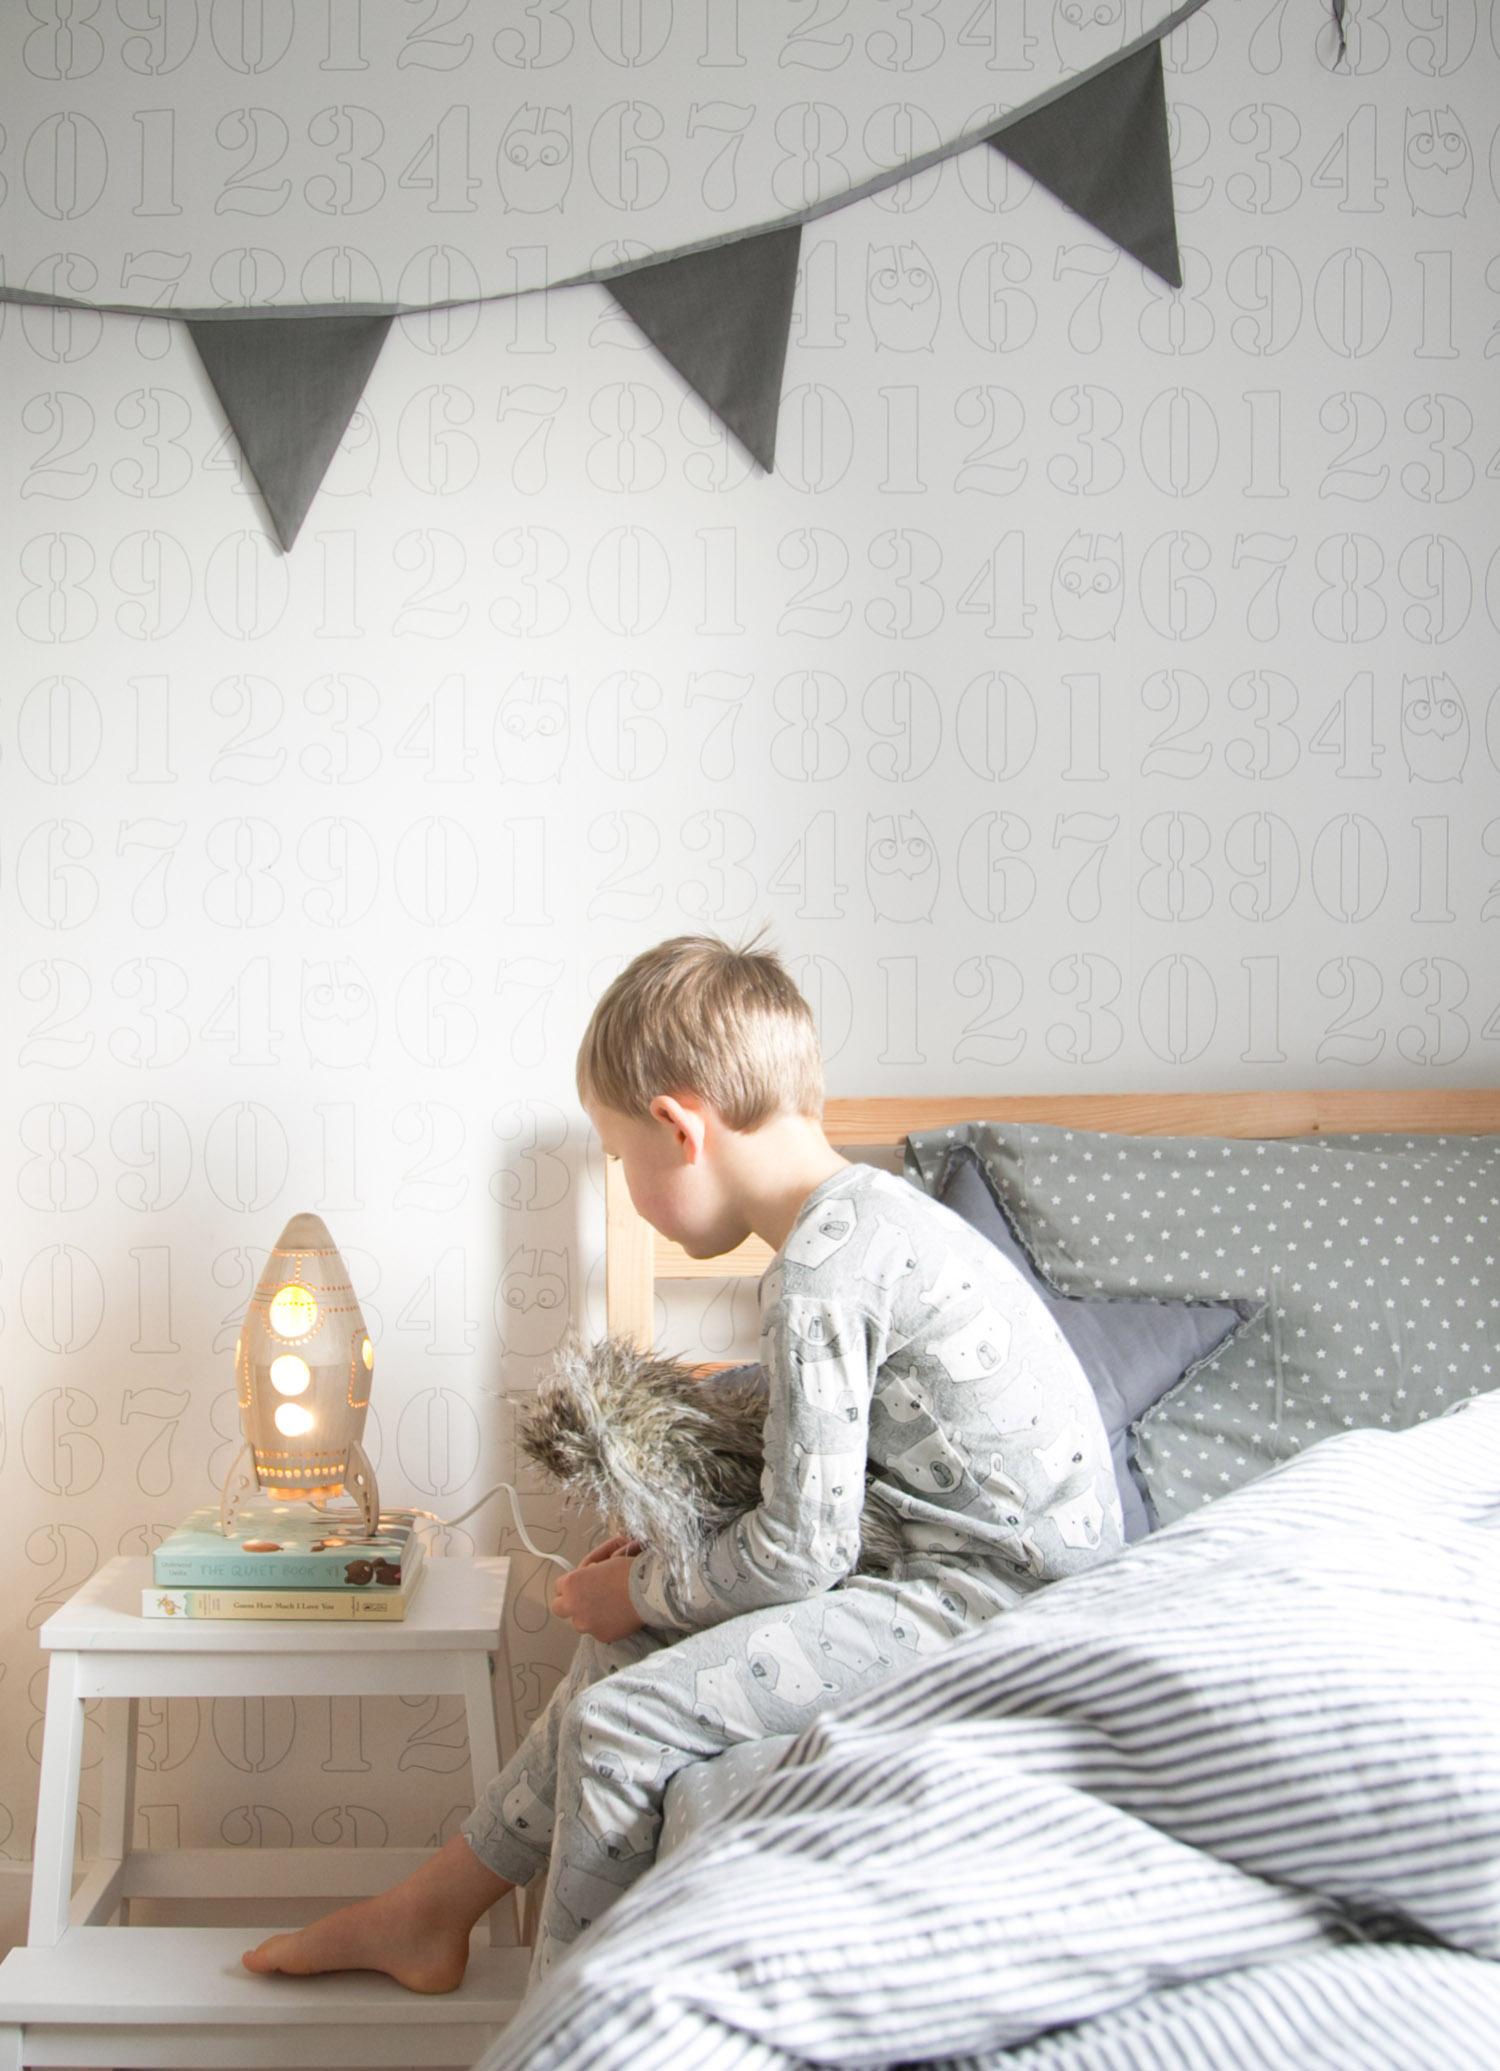 rocket night light in kids room